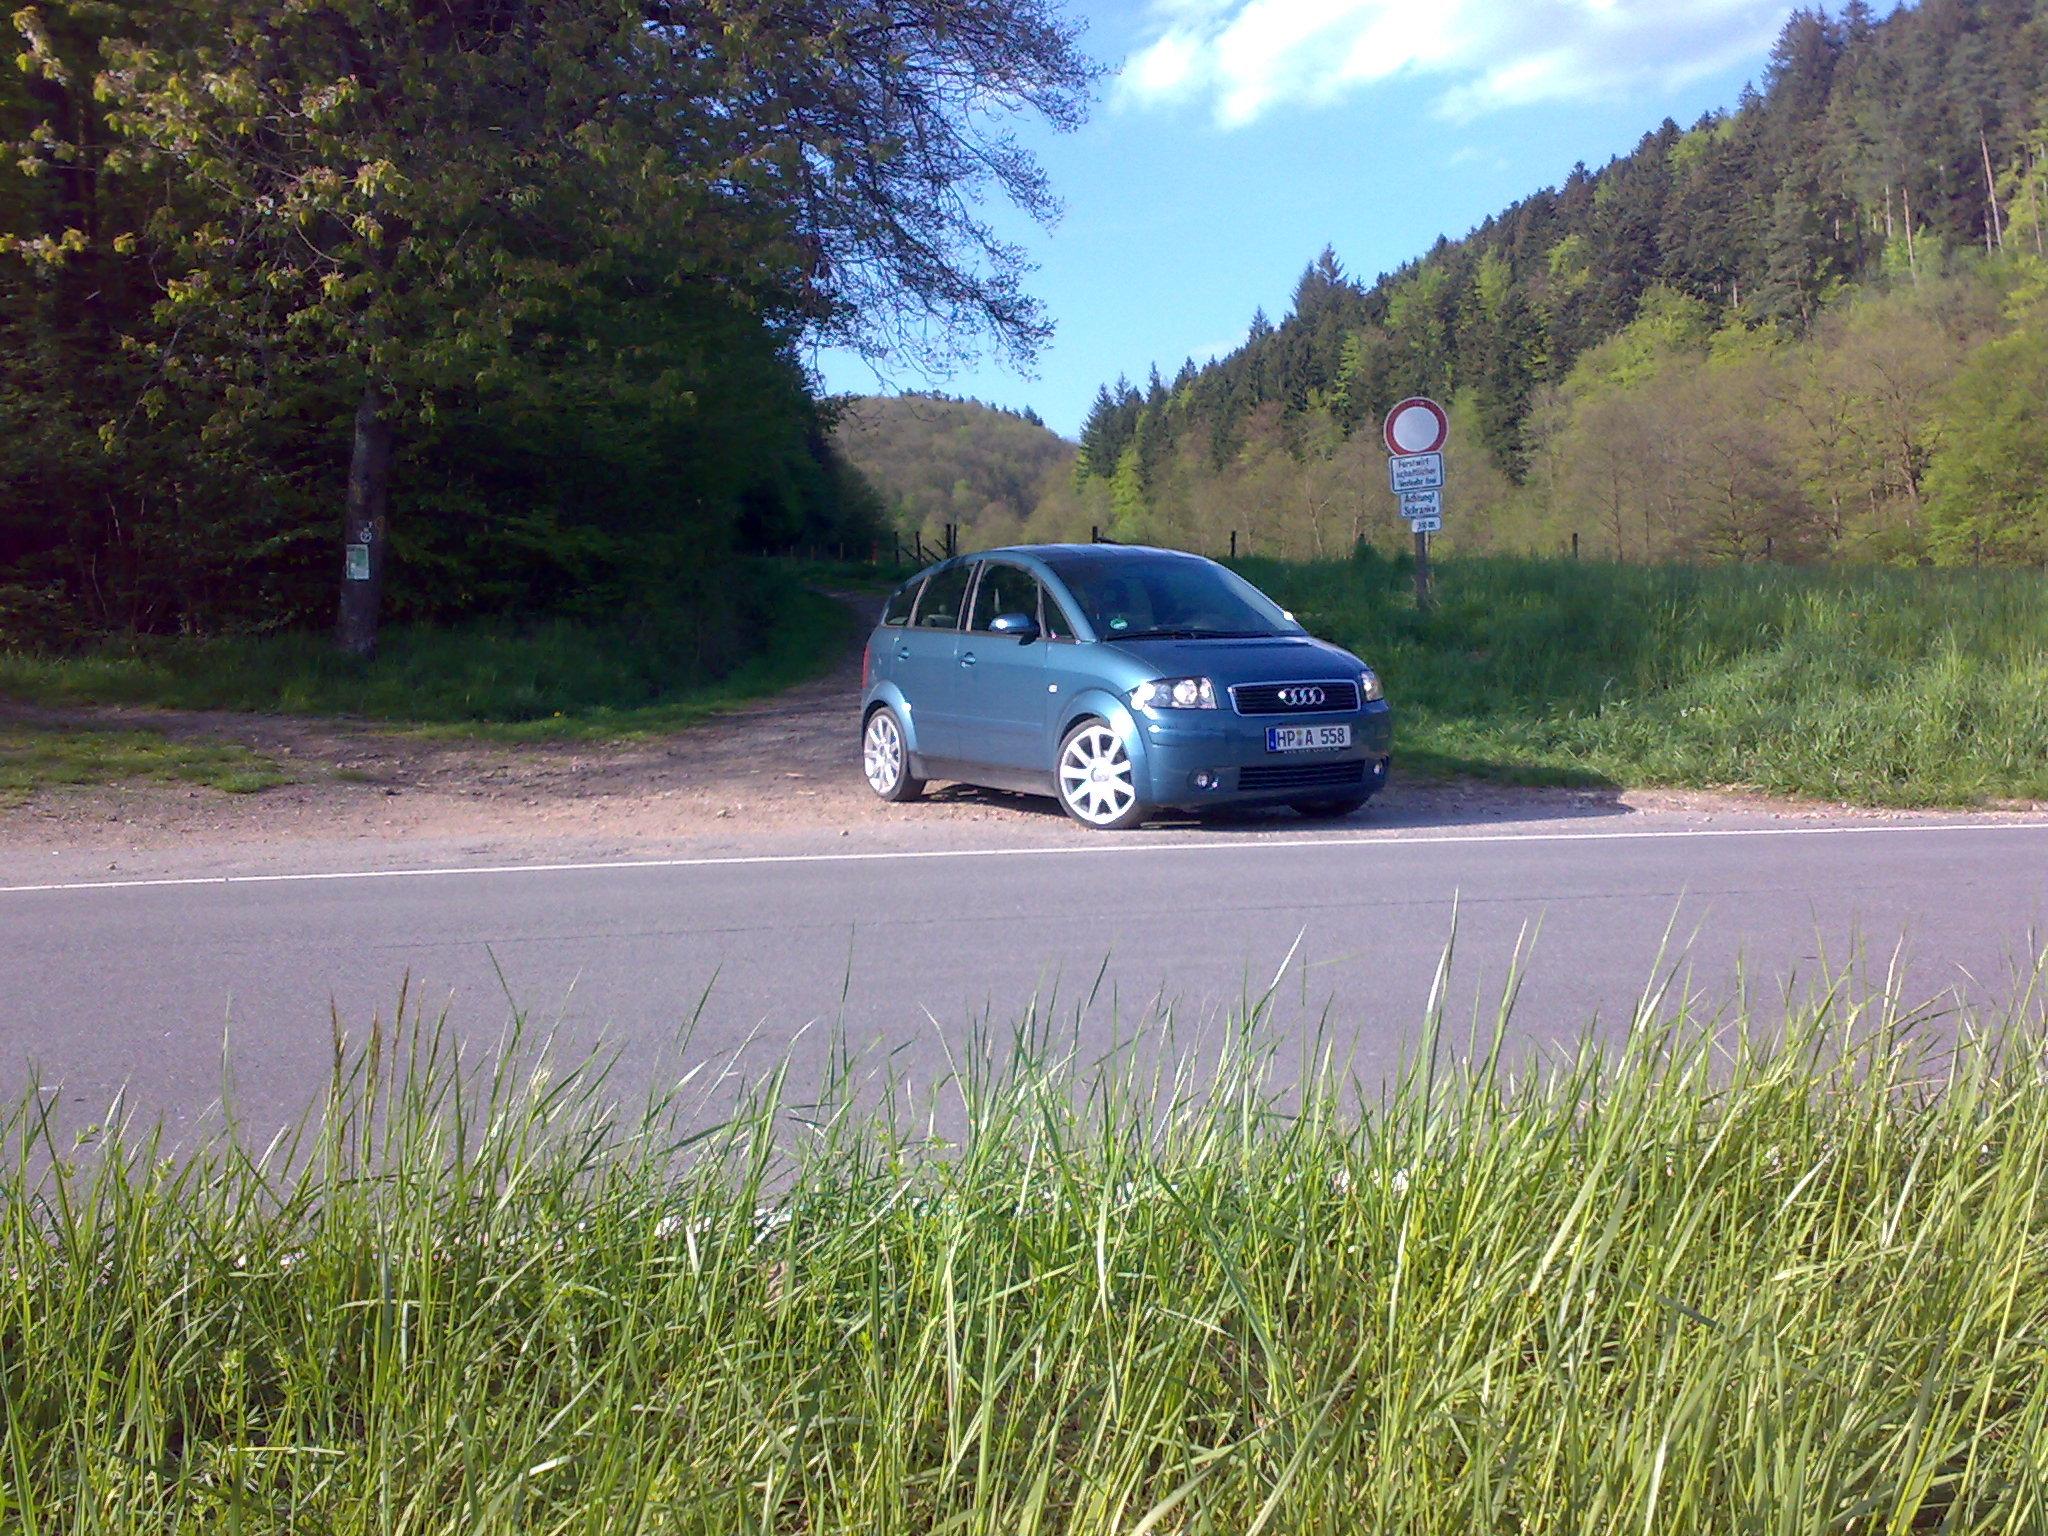 Bilder aus dem schönen Odenwald